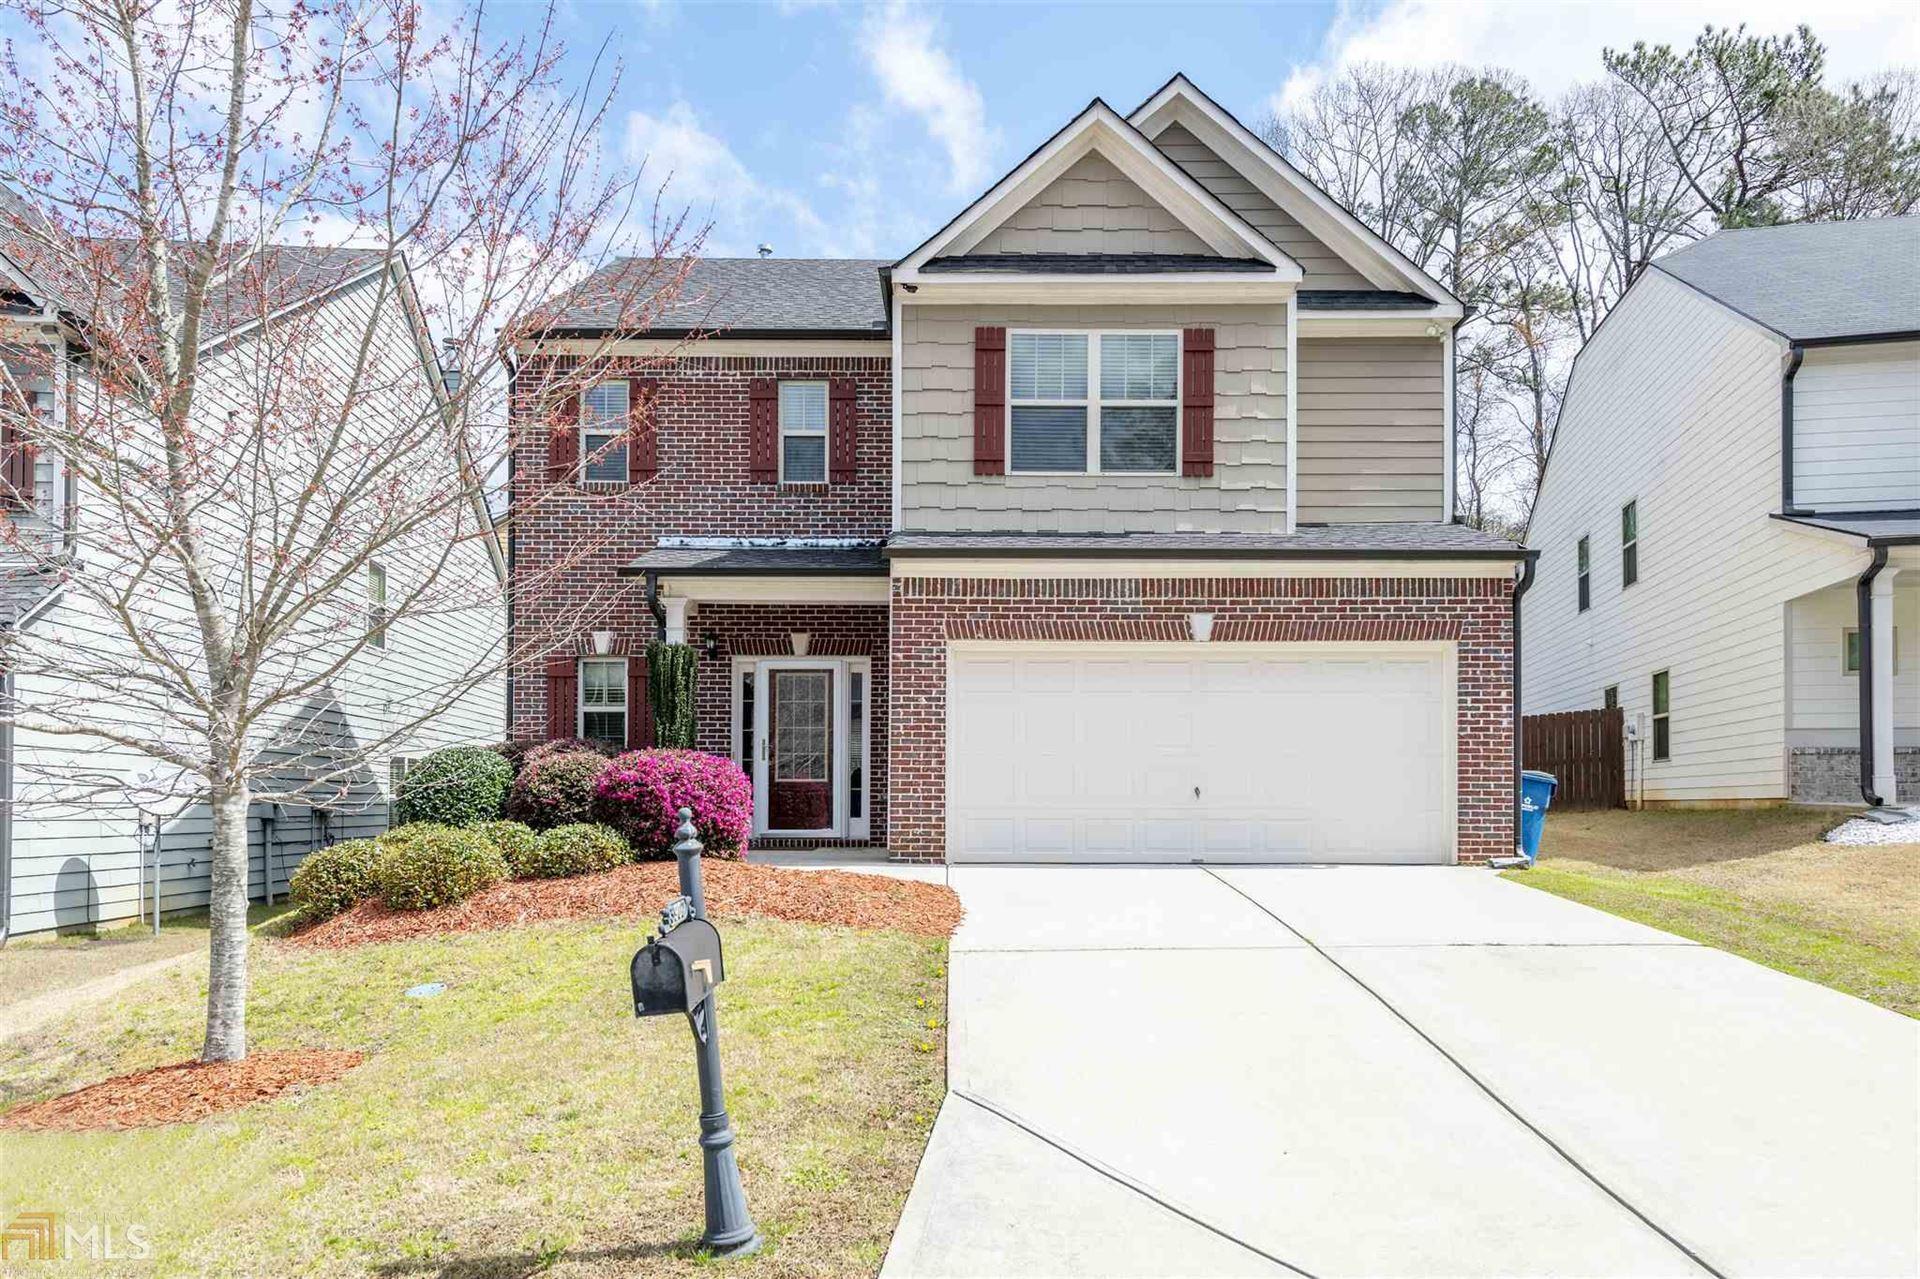 3902 Kingfisher Dr, Atlanta, GA 30349 - #: 8954514